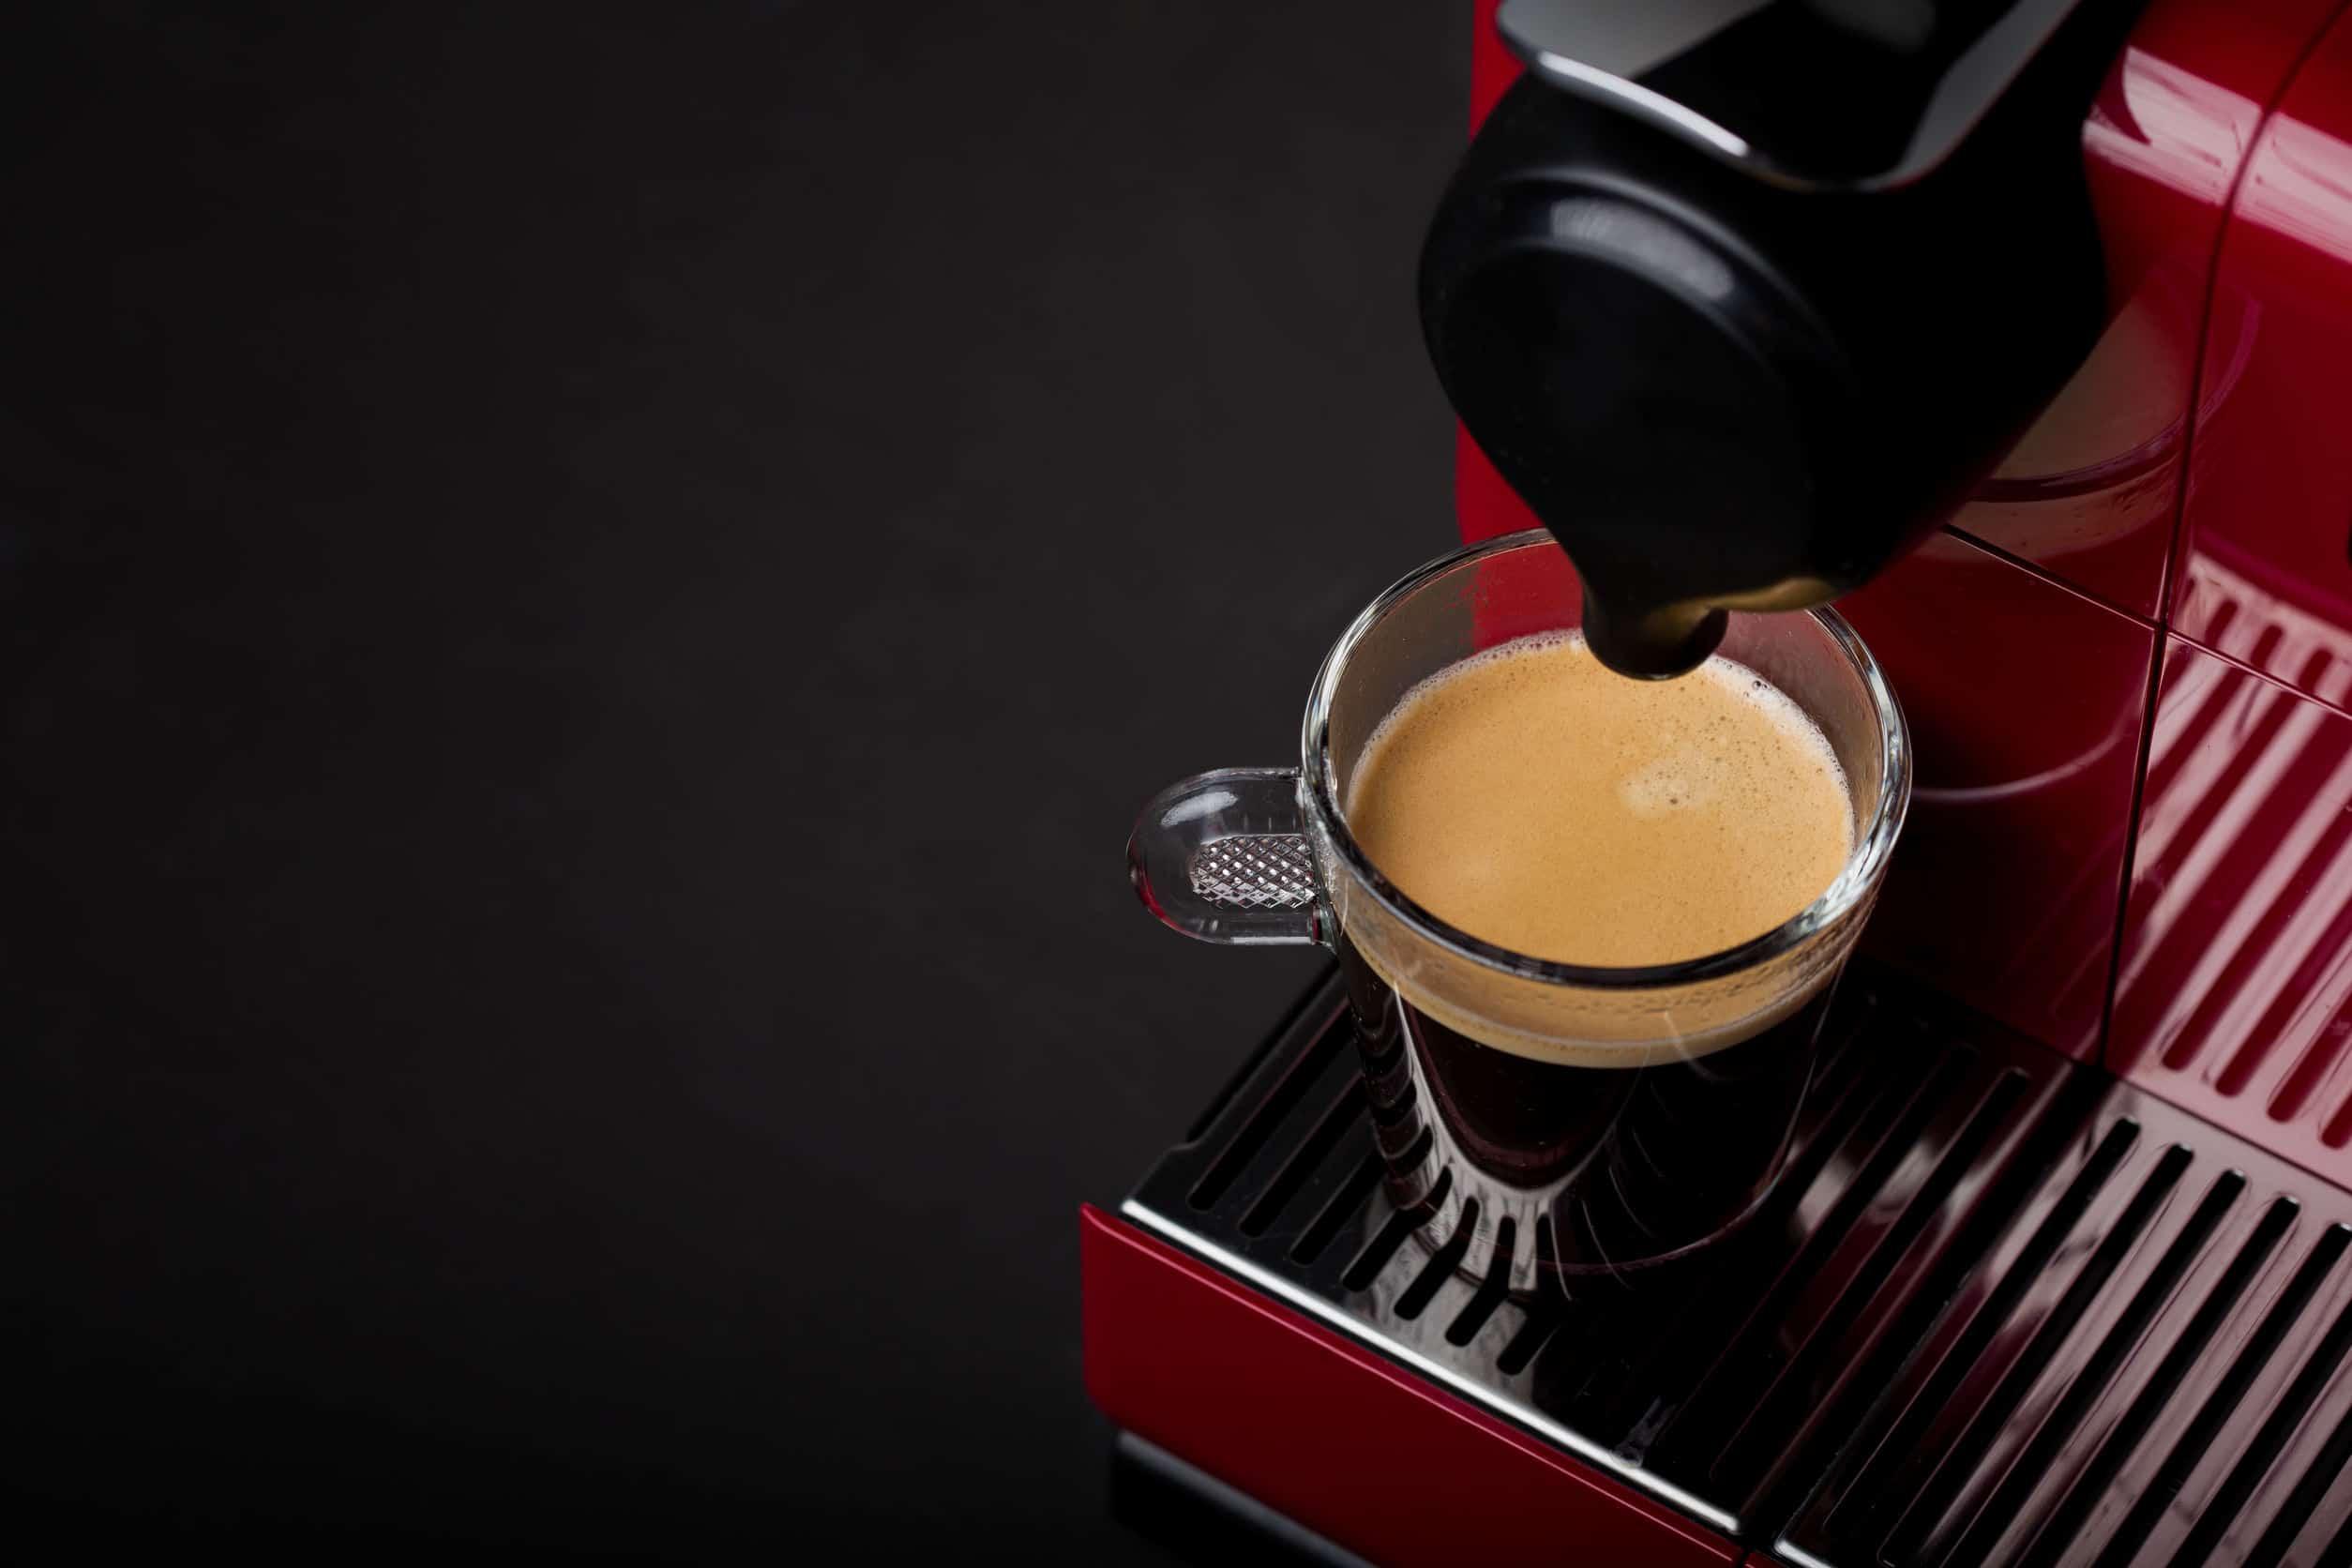 Na foto uma cafeteira vermelha com detalhes em preto e uma xícara transparente cheia de café.